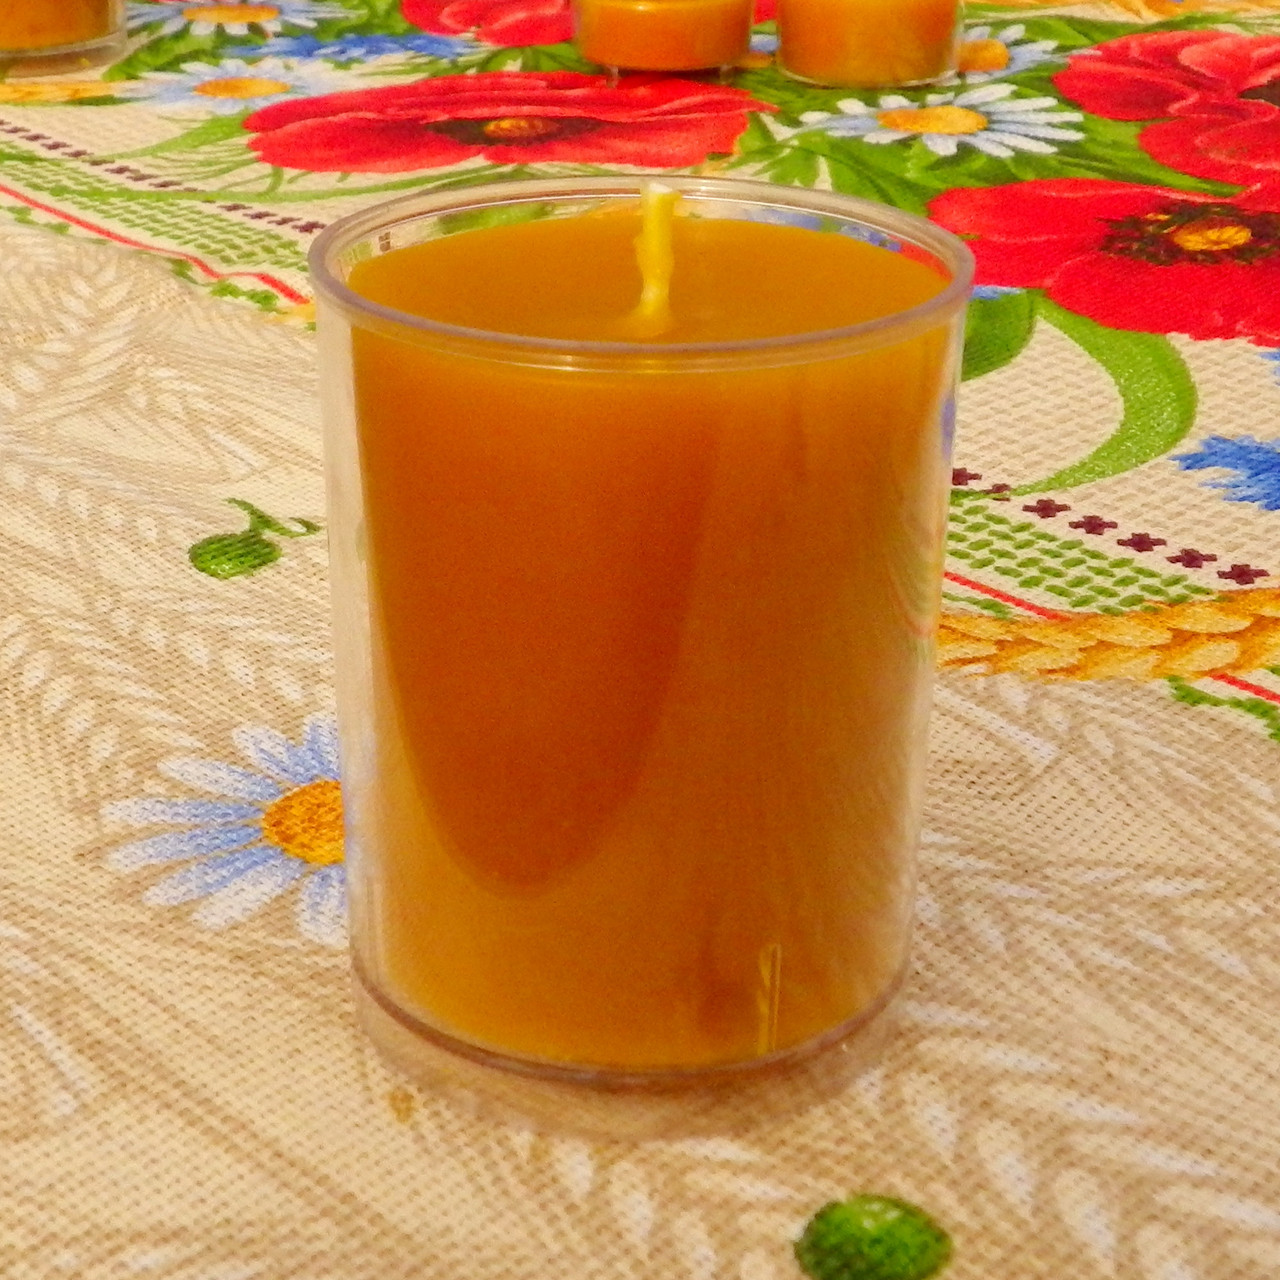 Круглая высокая восковая чайная свеча 77г; натуральный пчелиный воск